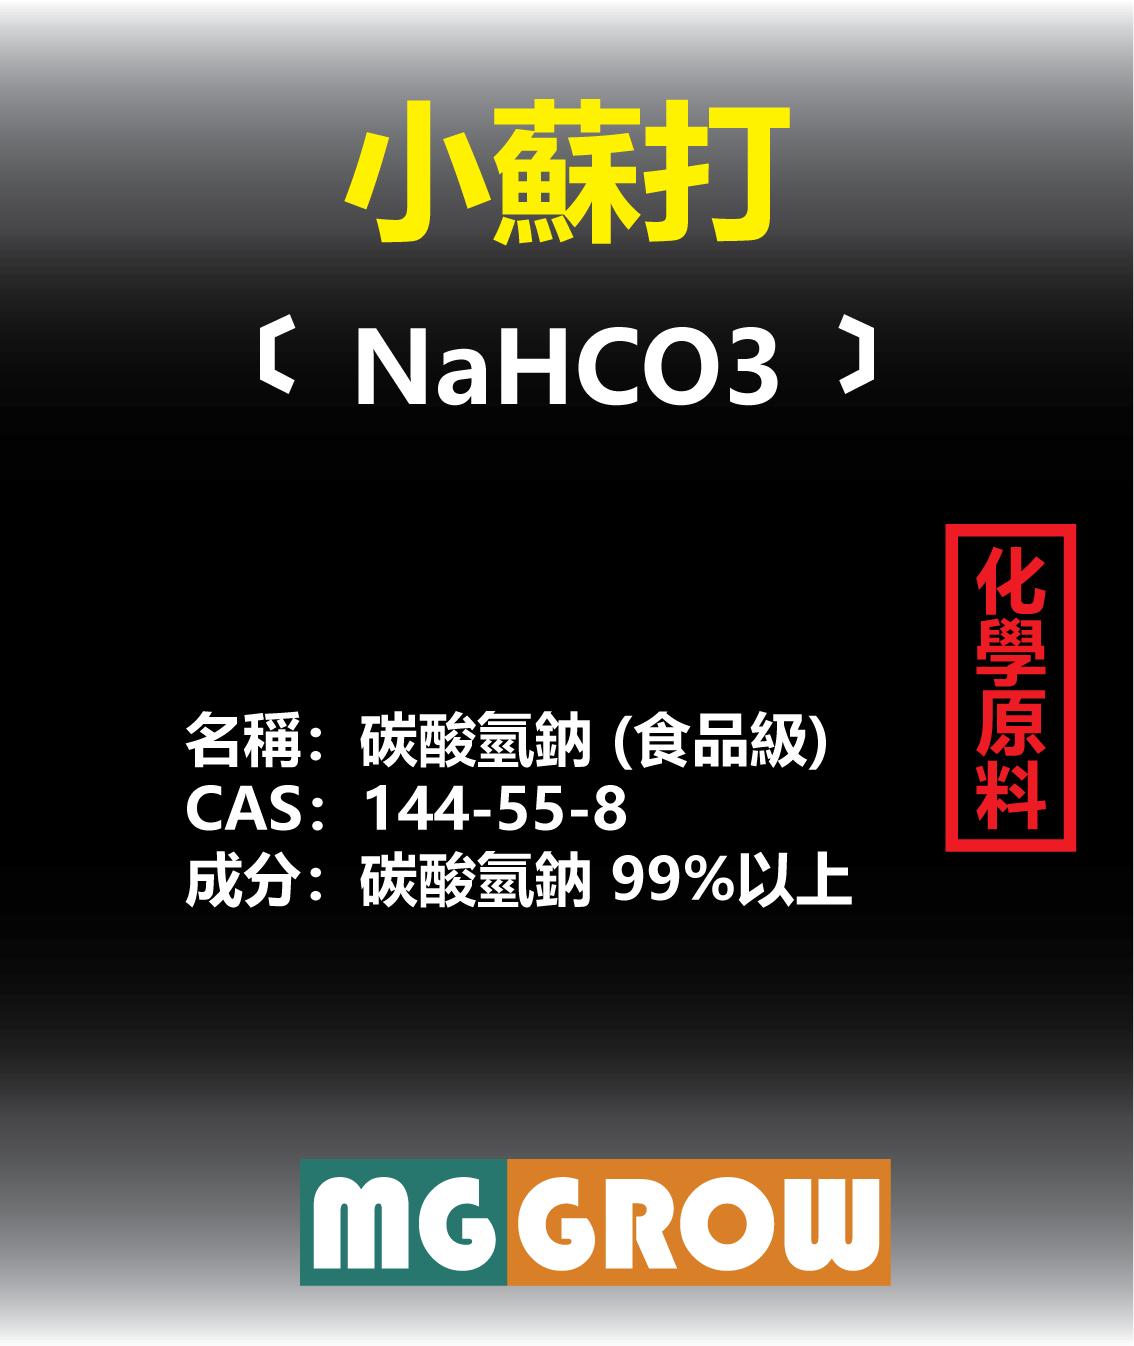 貼紙-碳酸氫鈉(小蘇打)-01.png